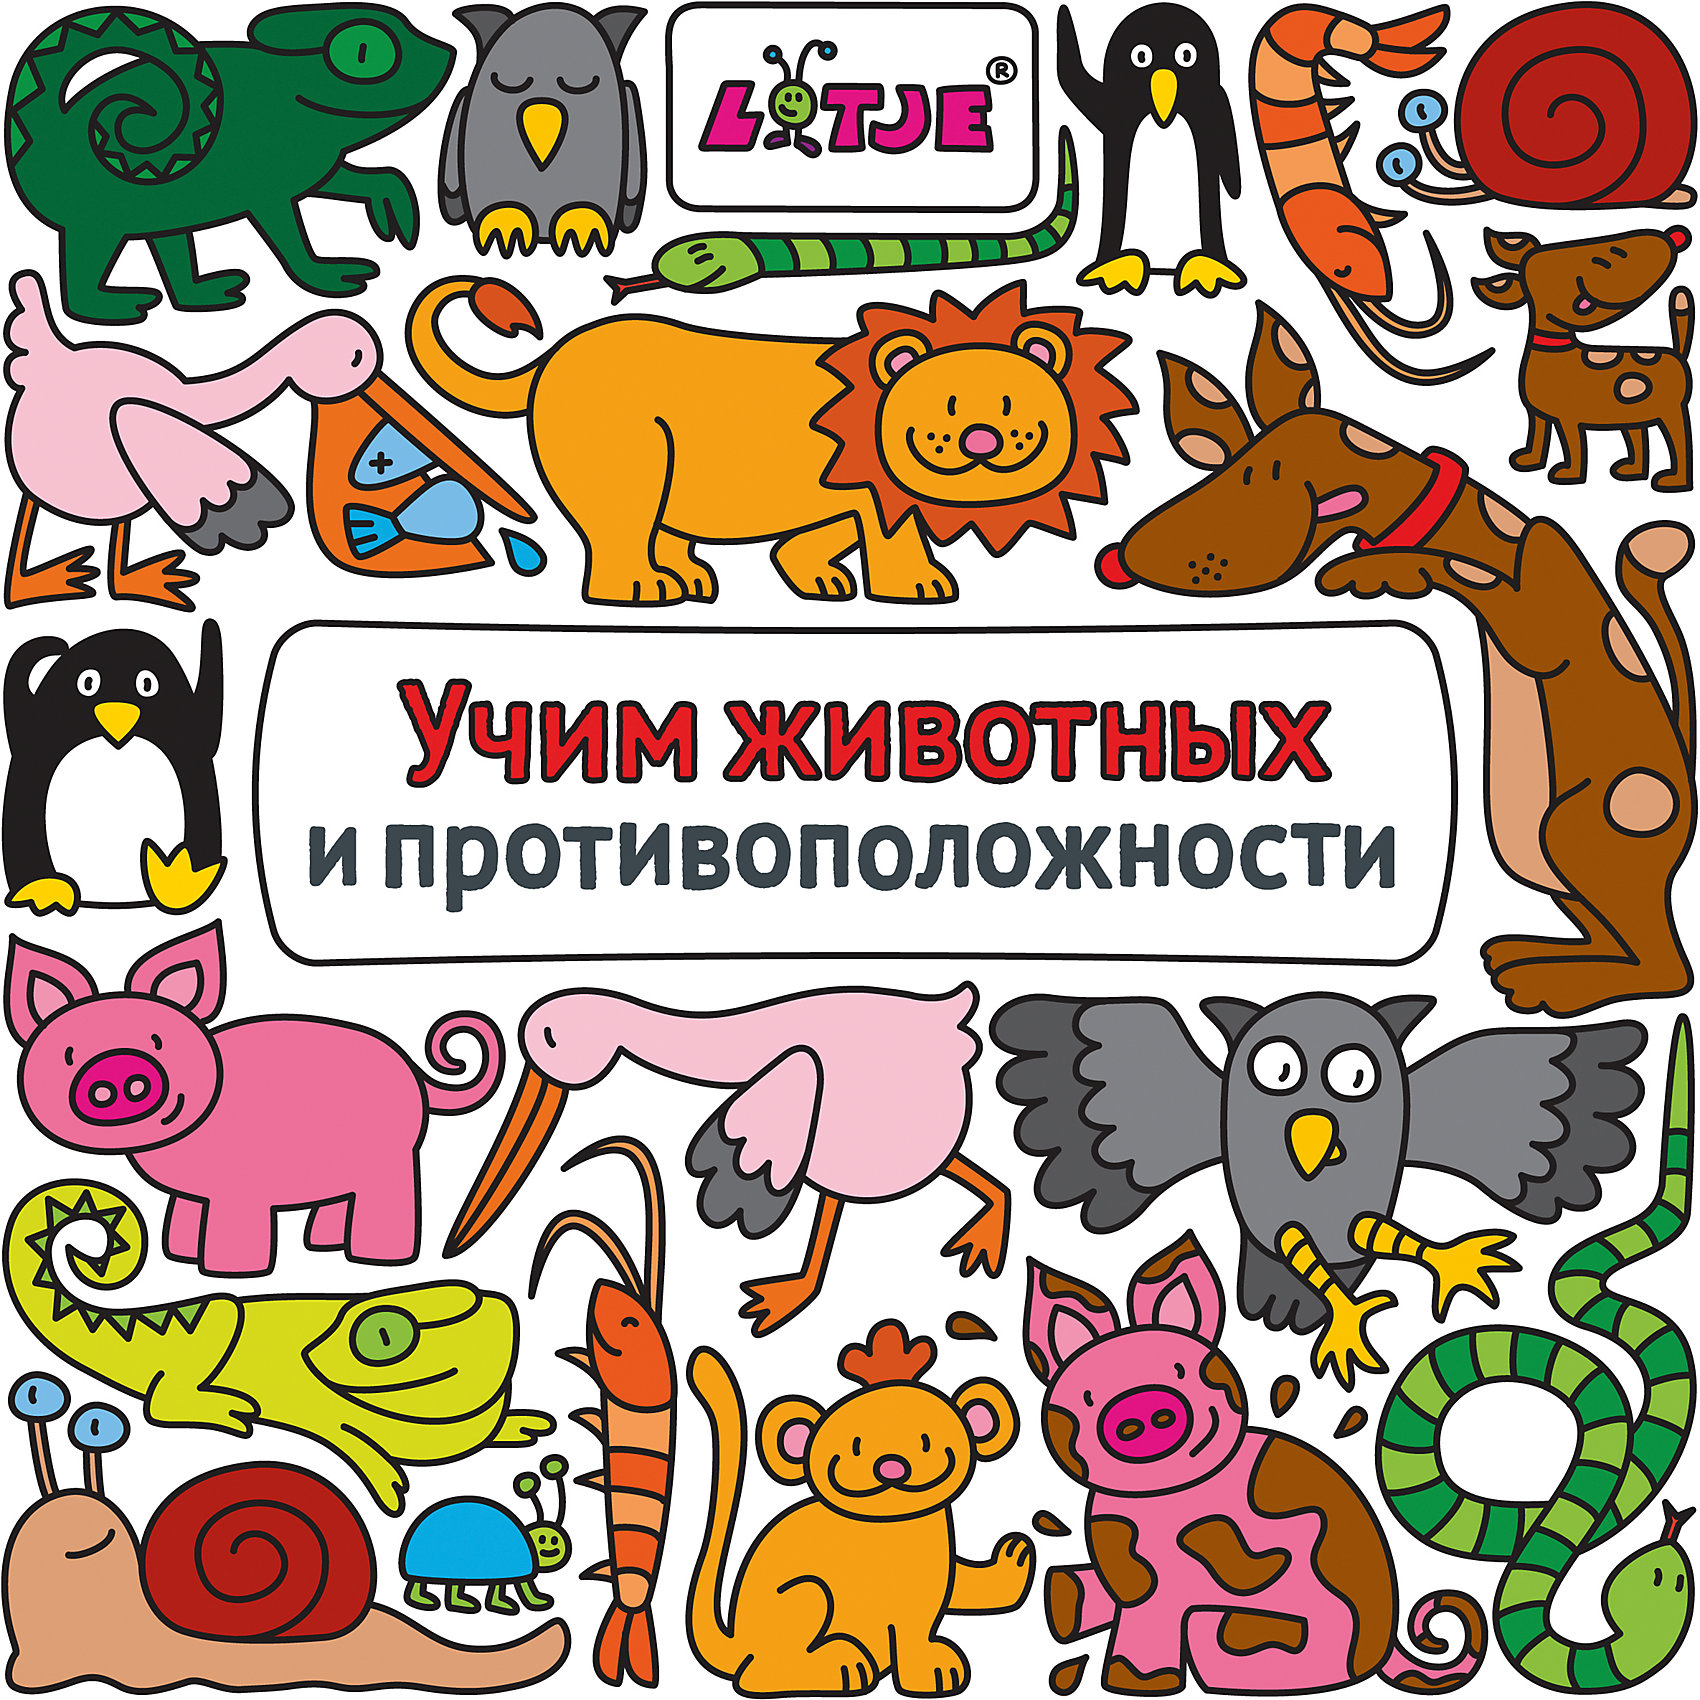 Учим животных и противоположностиКниги для развития мышления<br>Эта красочная книжка о животных и противоположностях с весёлыми заданиями поможет малышам от трёх лет развить речь, выучить новые слова и расширить кругозор.<br><br>Ширина мм: 227<br>Глубина мм: 215<br>Высота мм: 10<br>Вес г: 345<br>Возраст от месяцев: 72<br>Возраст до месяцев: 168<br>Пол: Унисекс<br>Возраст: Детский<br>SKU: 5535121